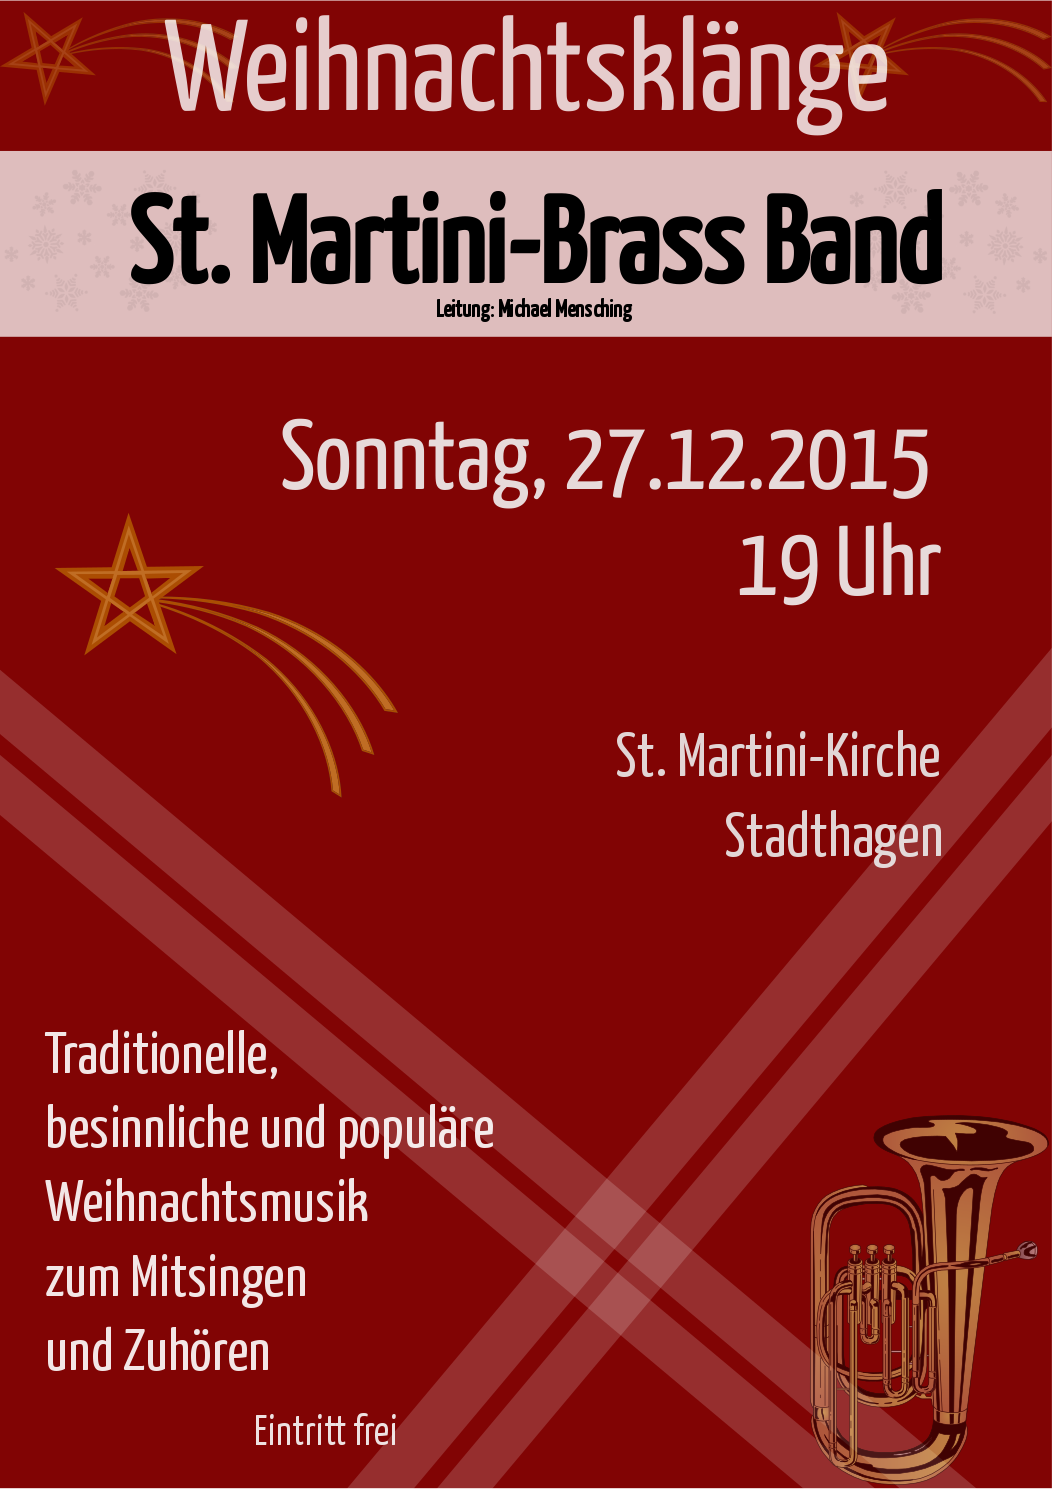 Plakat zum Weihnachtskonzert der St. Martini Brass Band aus Stadthagen am 27.12.2015